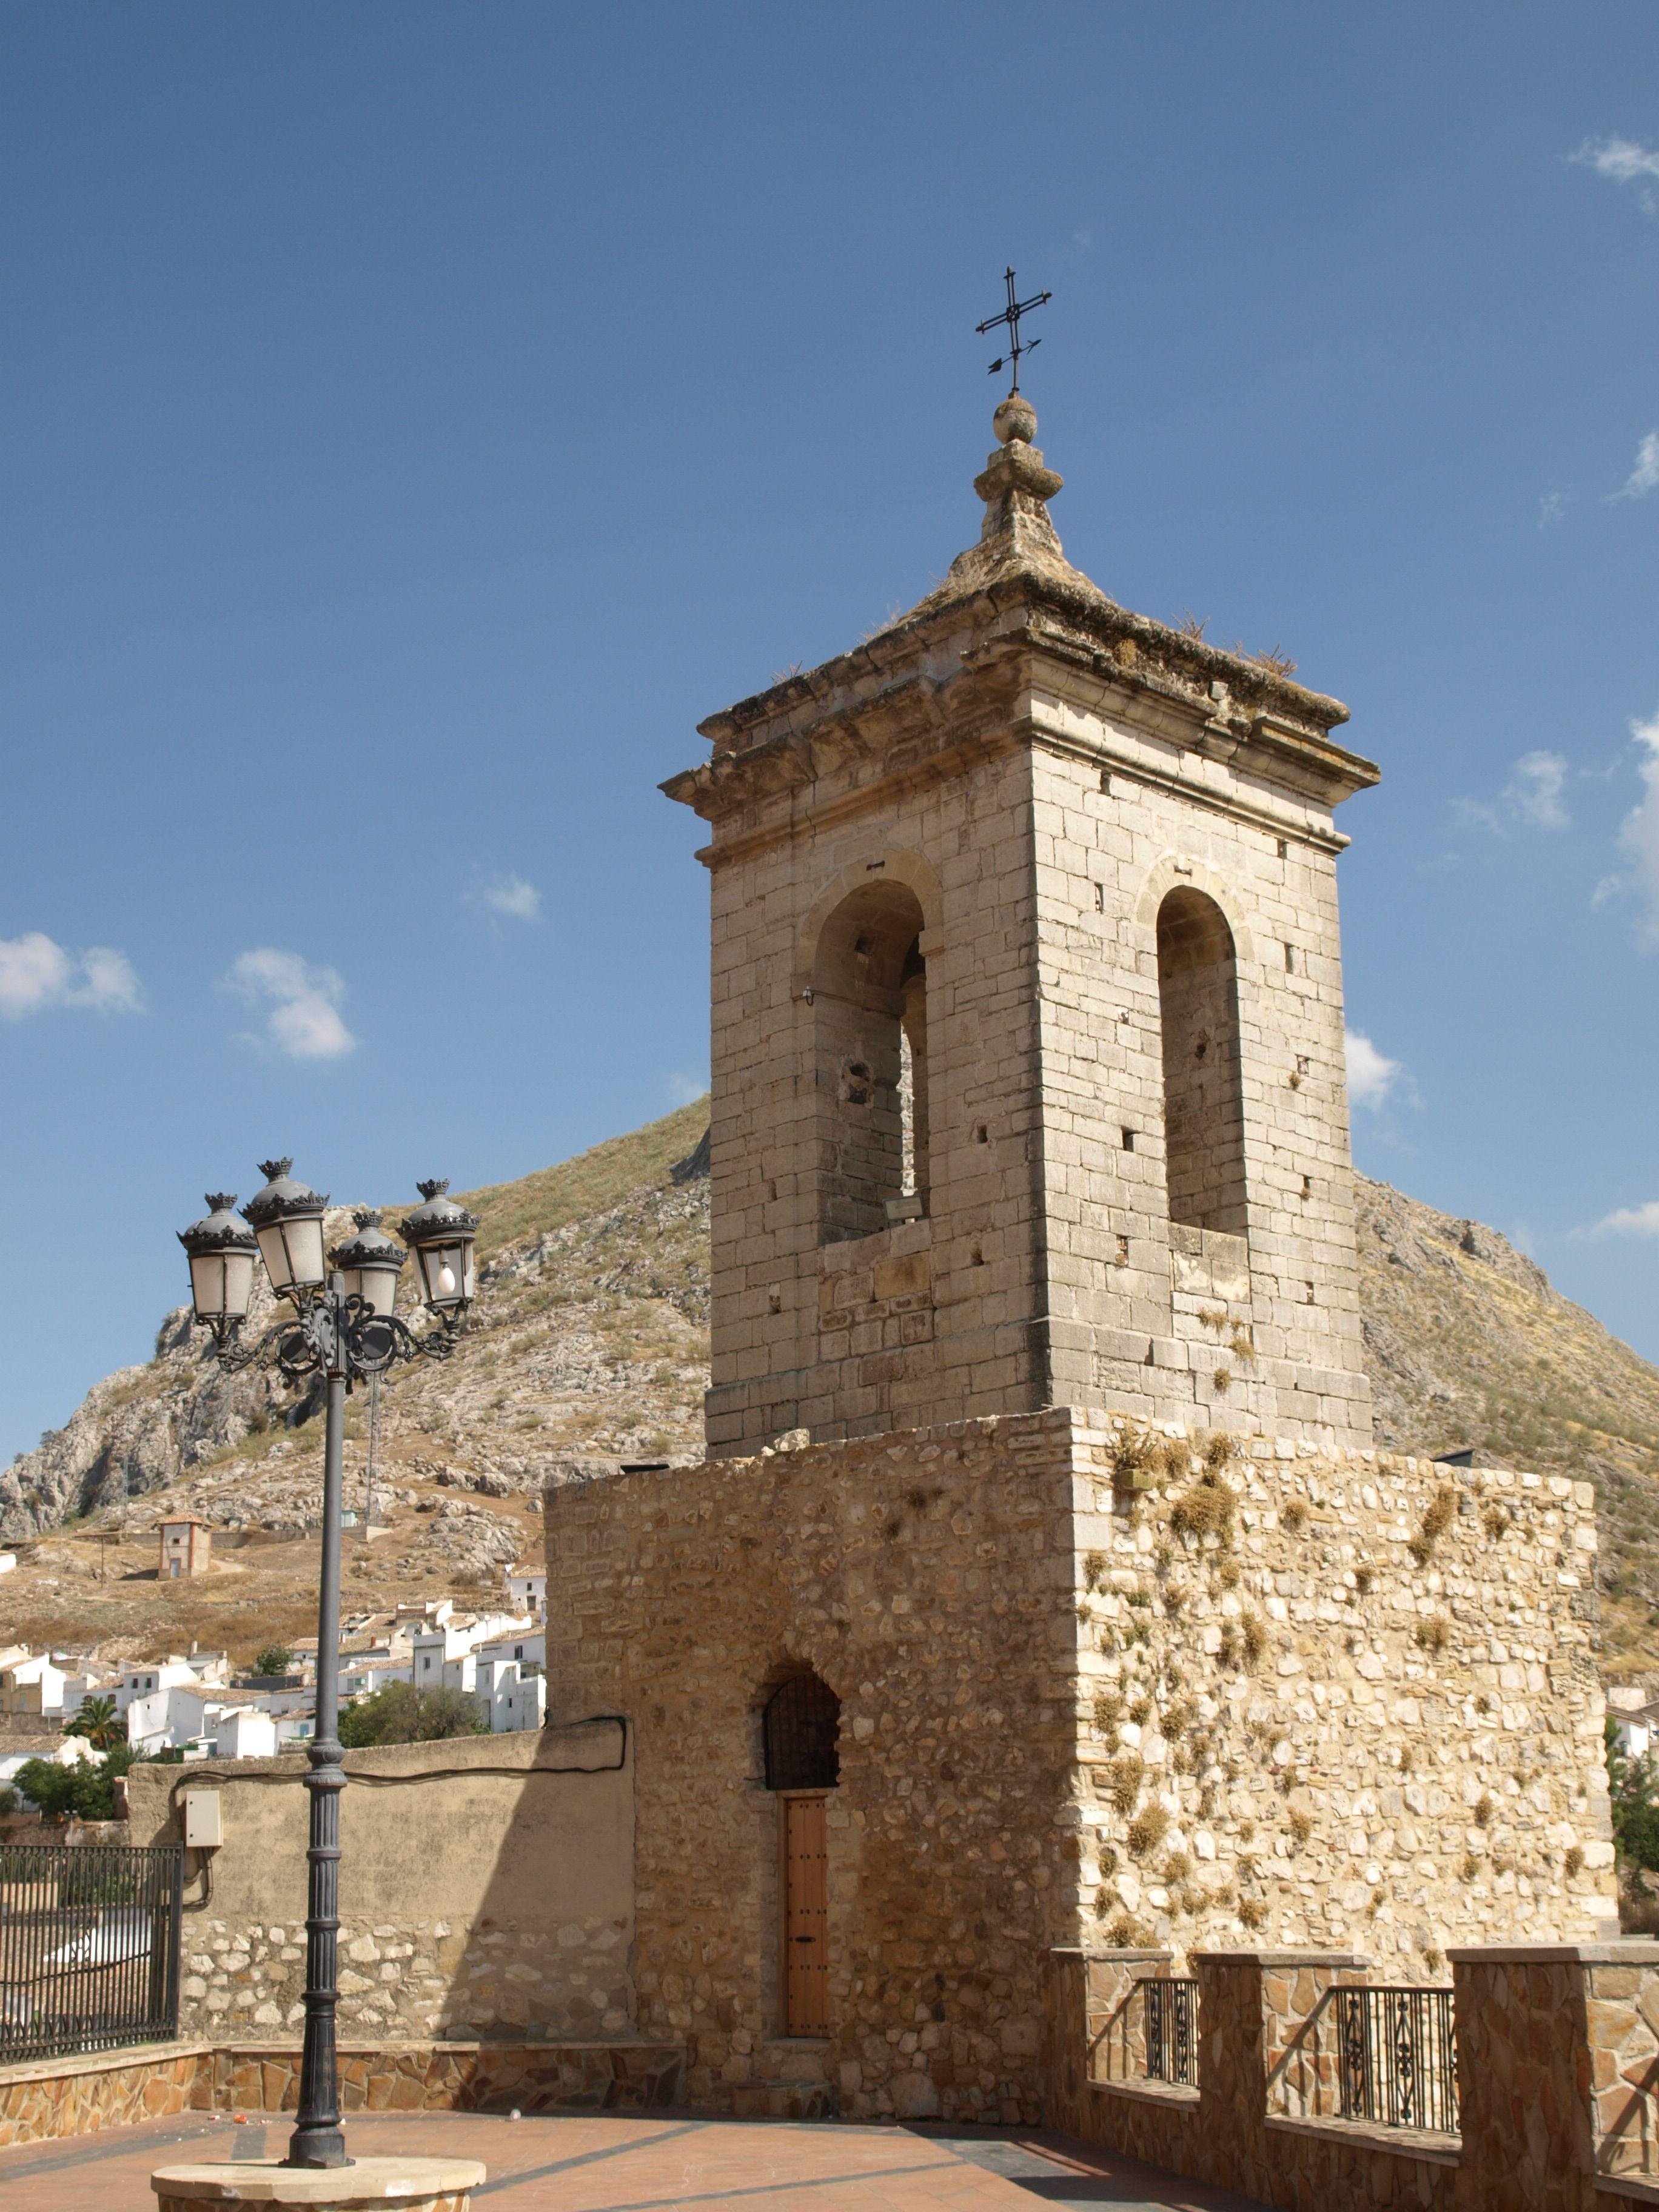 antigua torre de la muralla y campanario de la iglesia de la Virgen de la villa